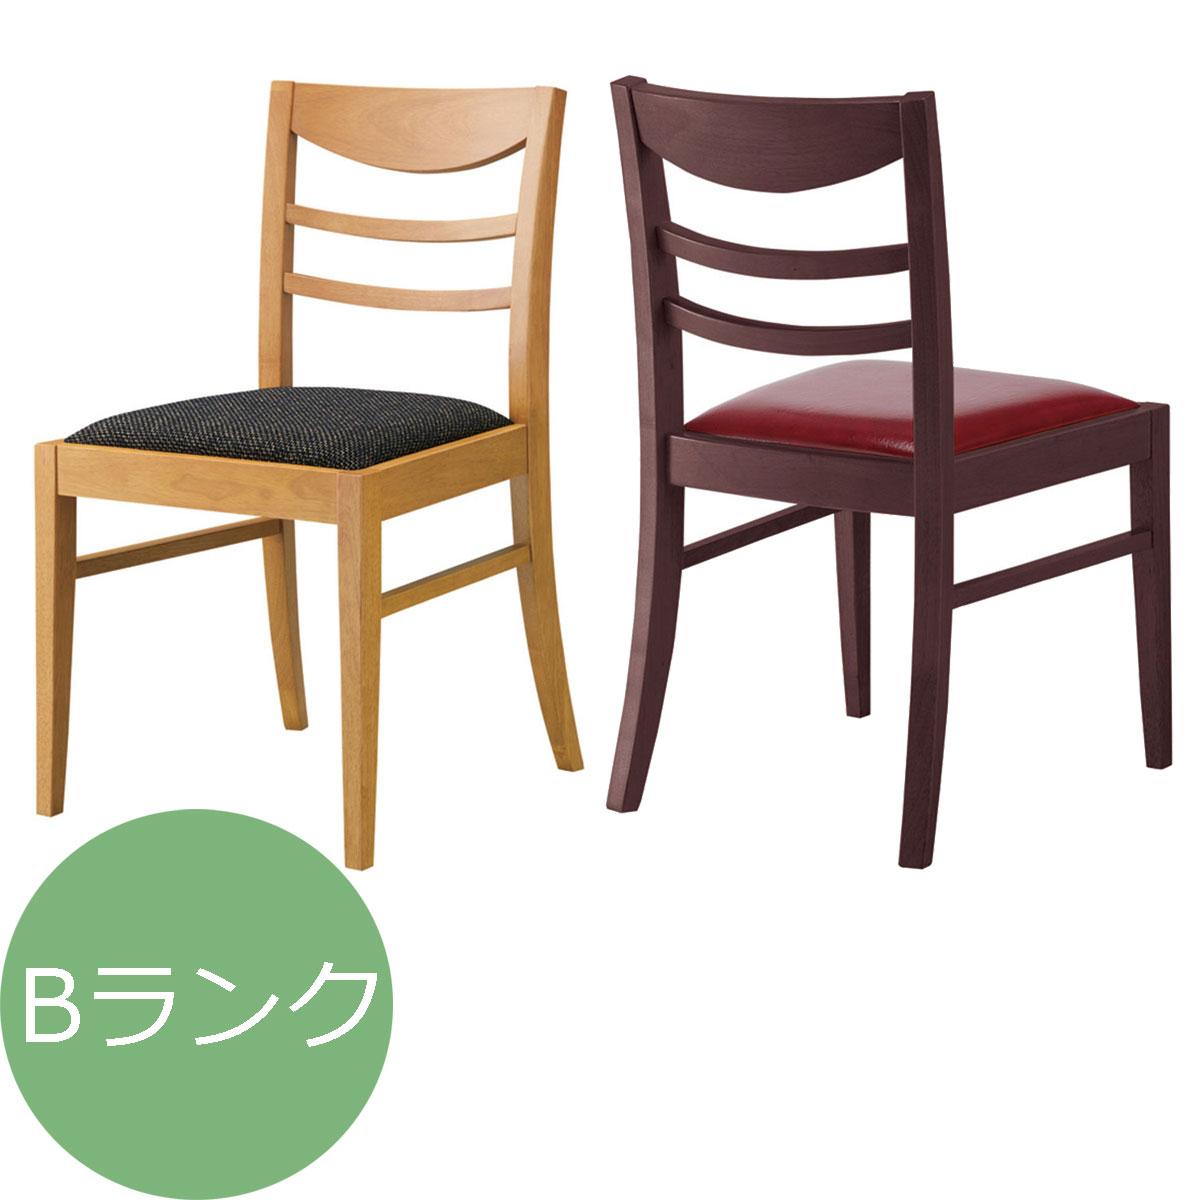 送料無料 業務用 5%OFF ダイニングチェア 専門店 チェア 椅子 いす オーダー ホテル Bランク 完成品 代引き不可 HABITY ハビティ 飲食店